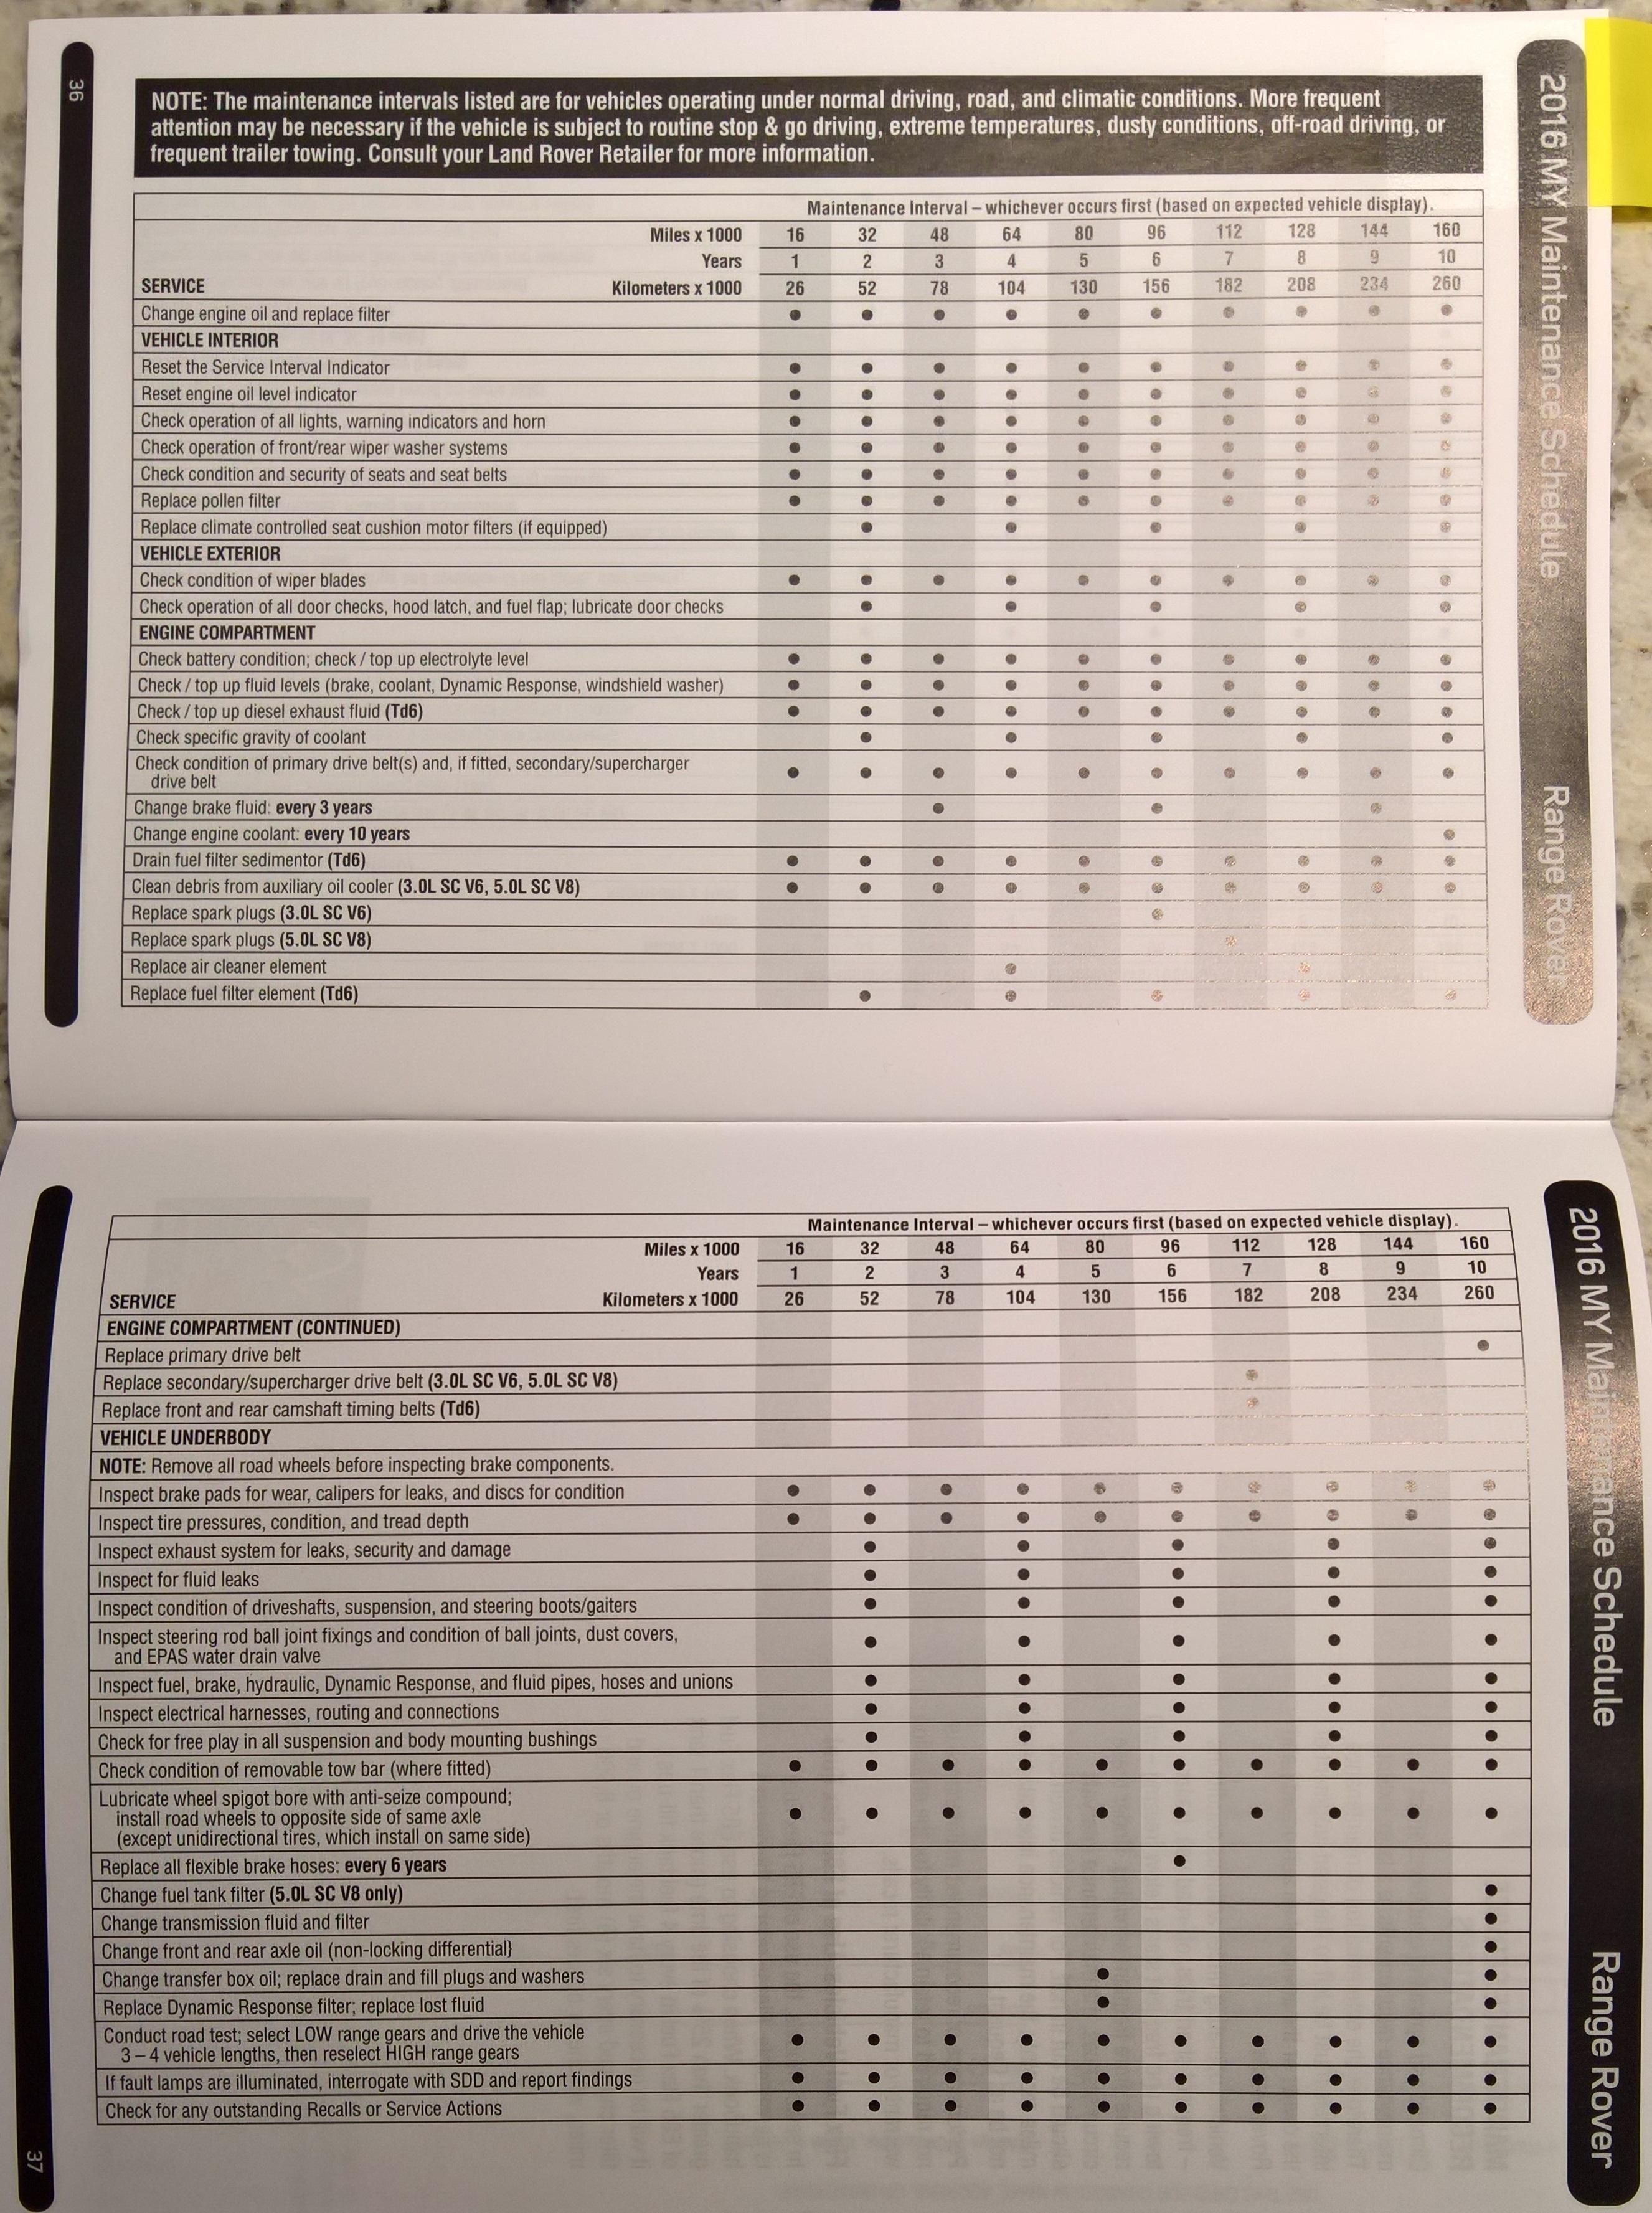 Maintenance Schedule - Range rover maintenance schedule